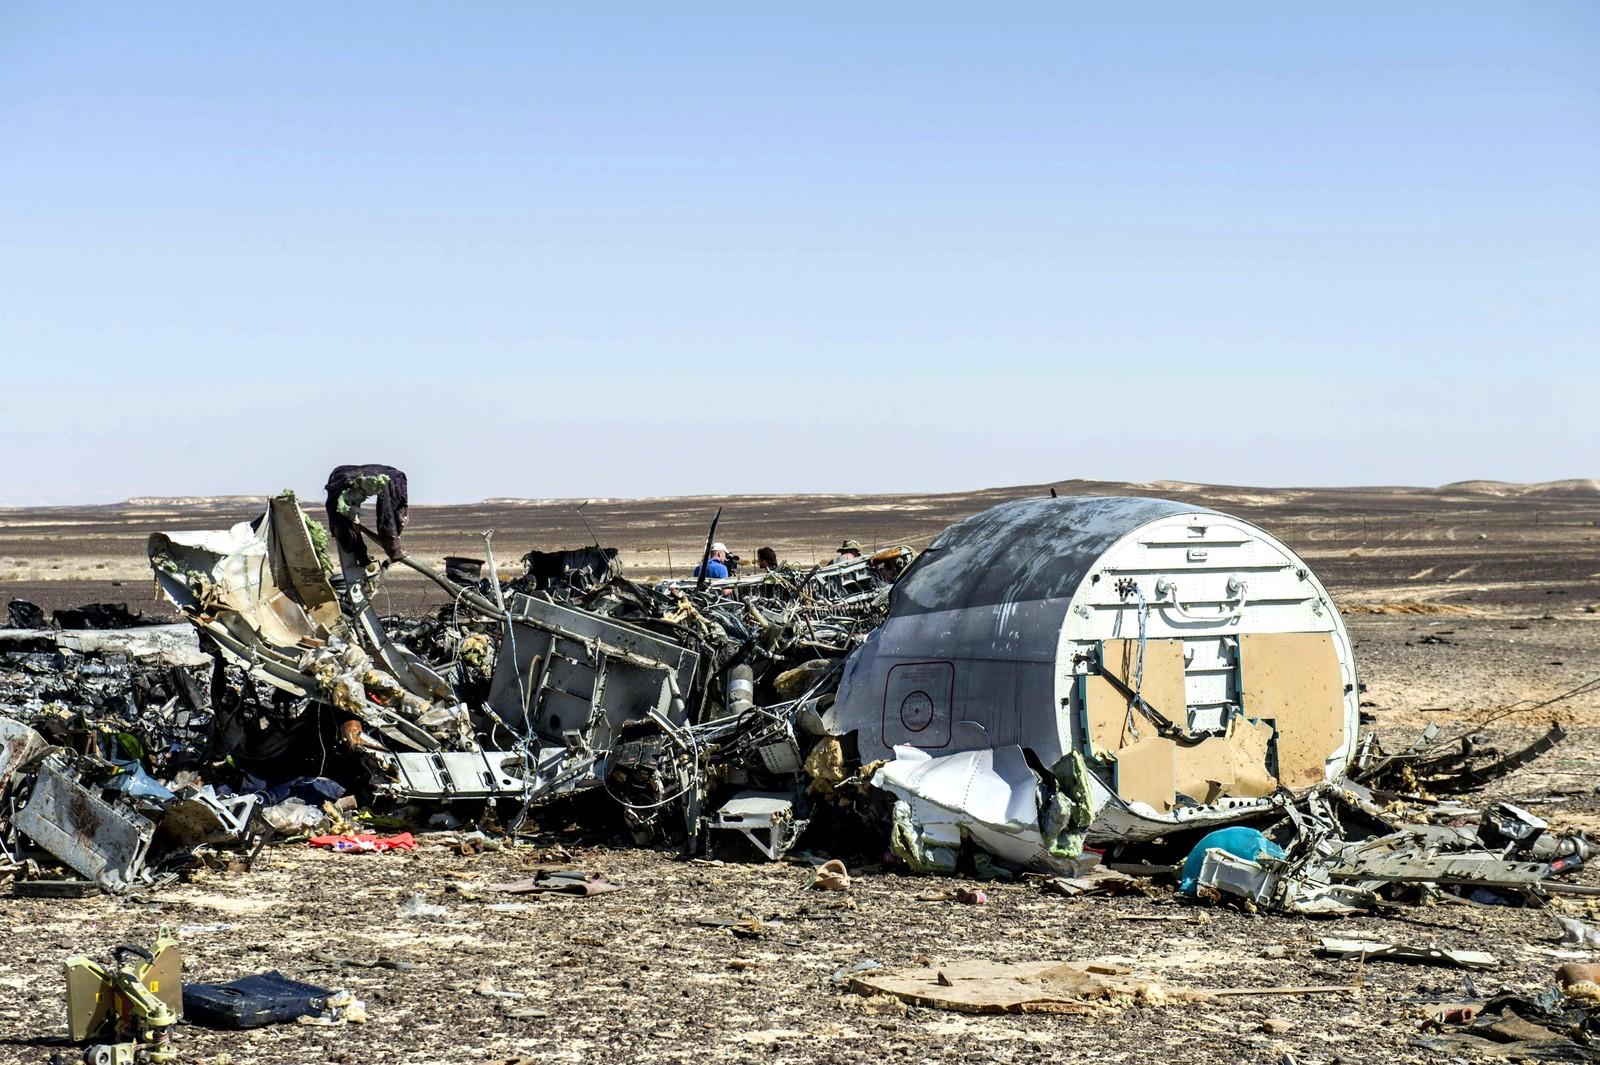 Slik ser vraket til det russiske passasjerflyet som styret på Sinaihalvøya i Egypt.